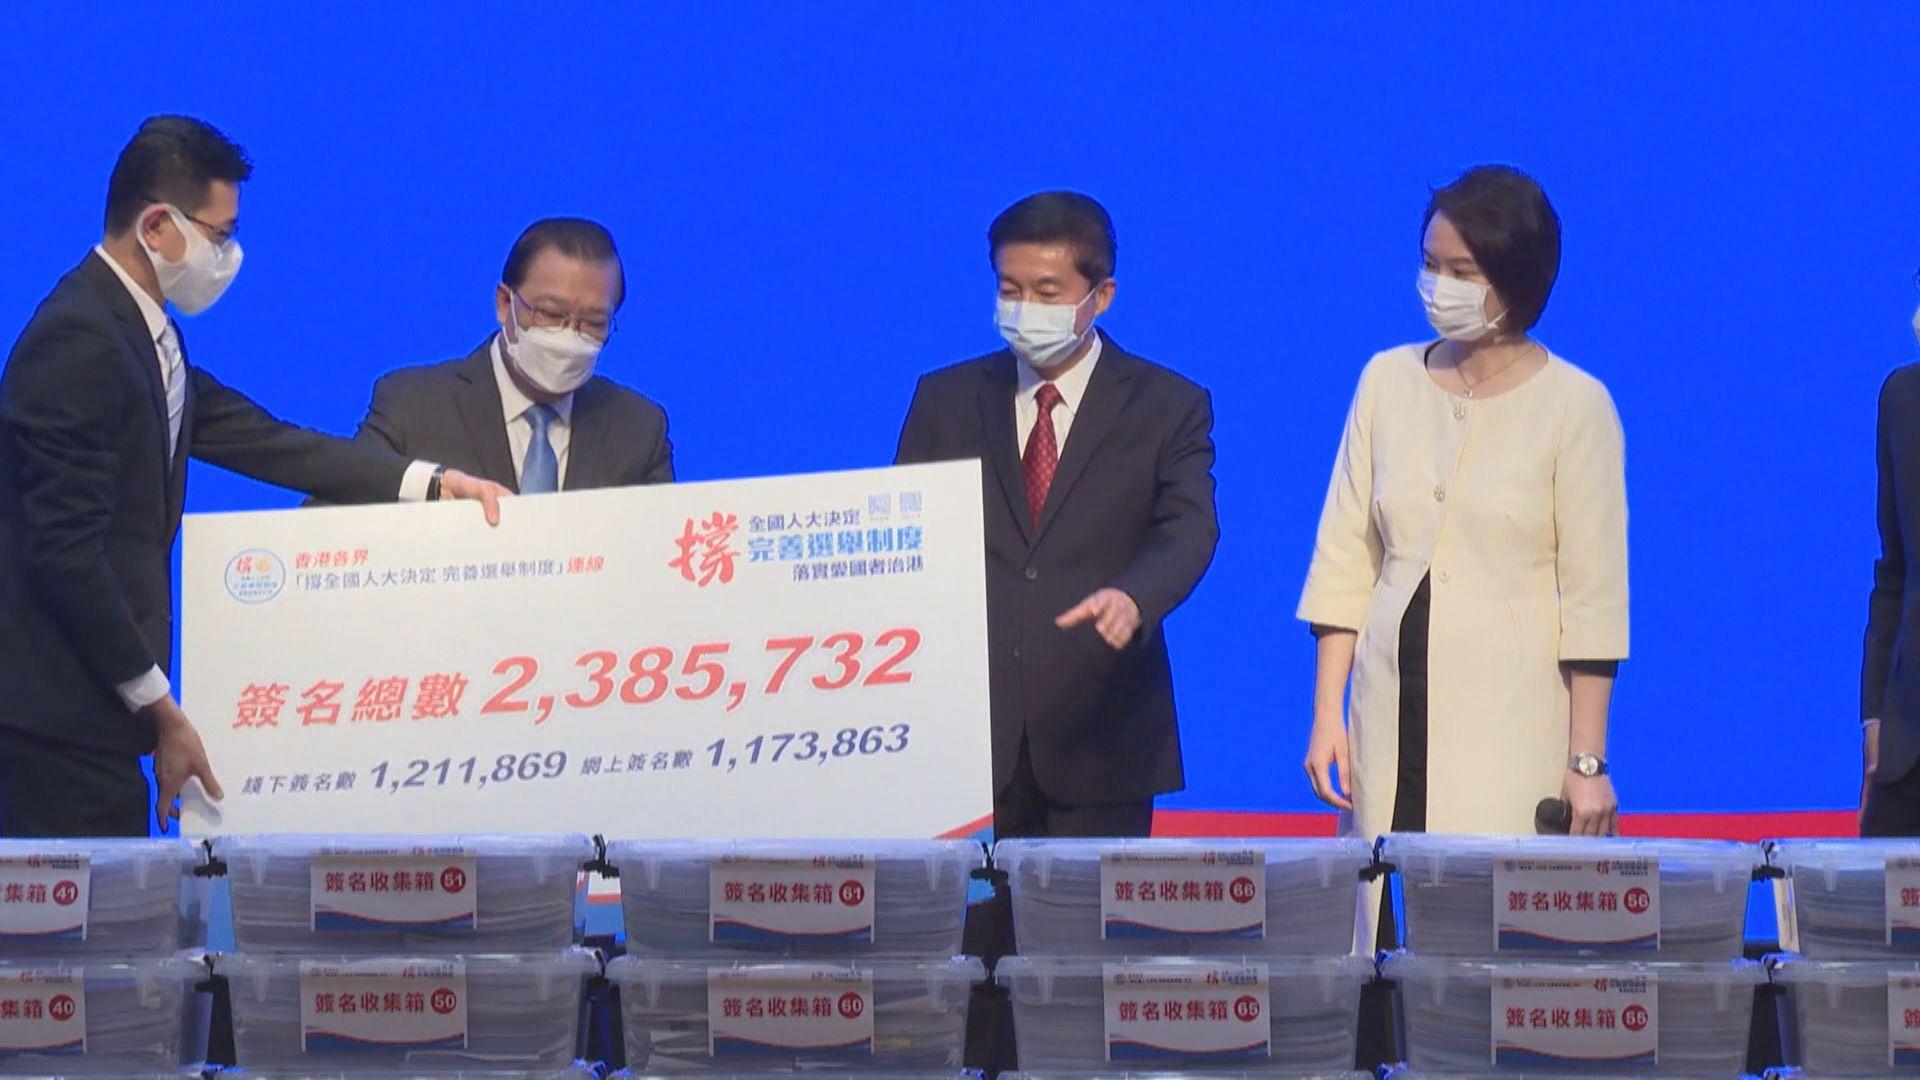 團體交238萬聯署撐人大決定 駱惠寧:廣大市民支持